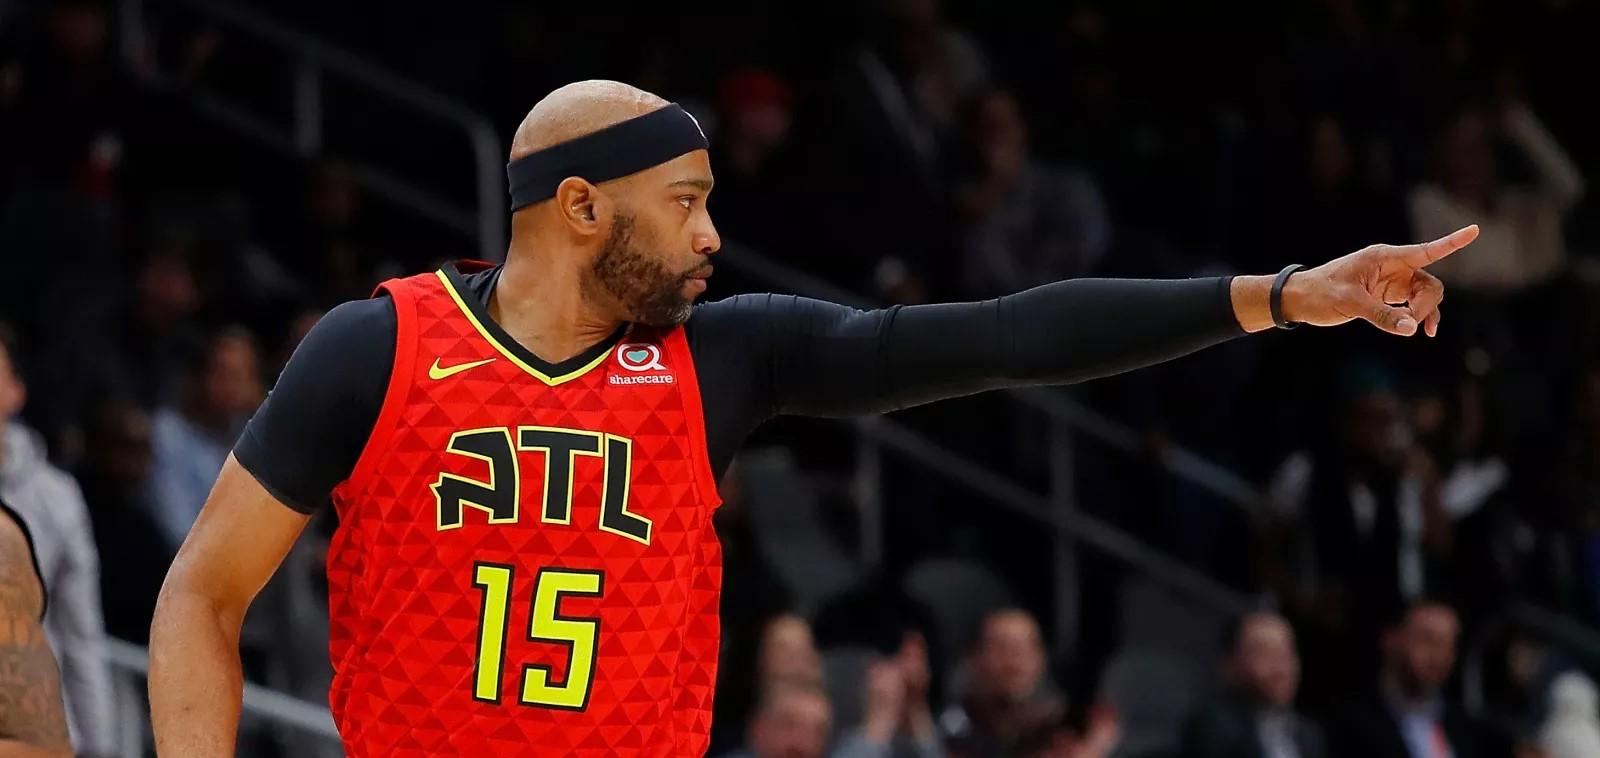 Vince Carter a déclaré qu'il était partant pour une 22e saison en NBA